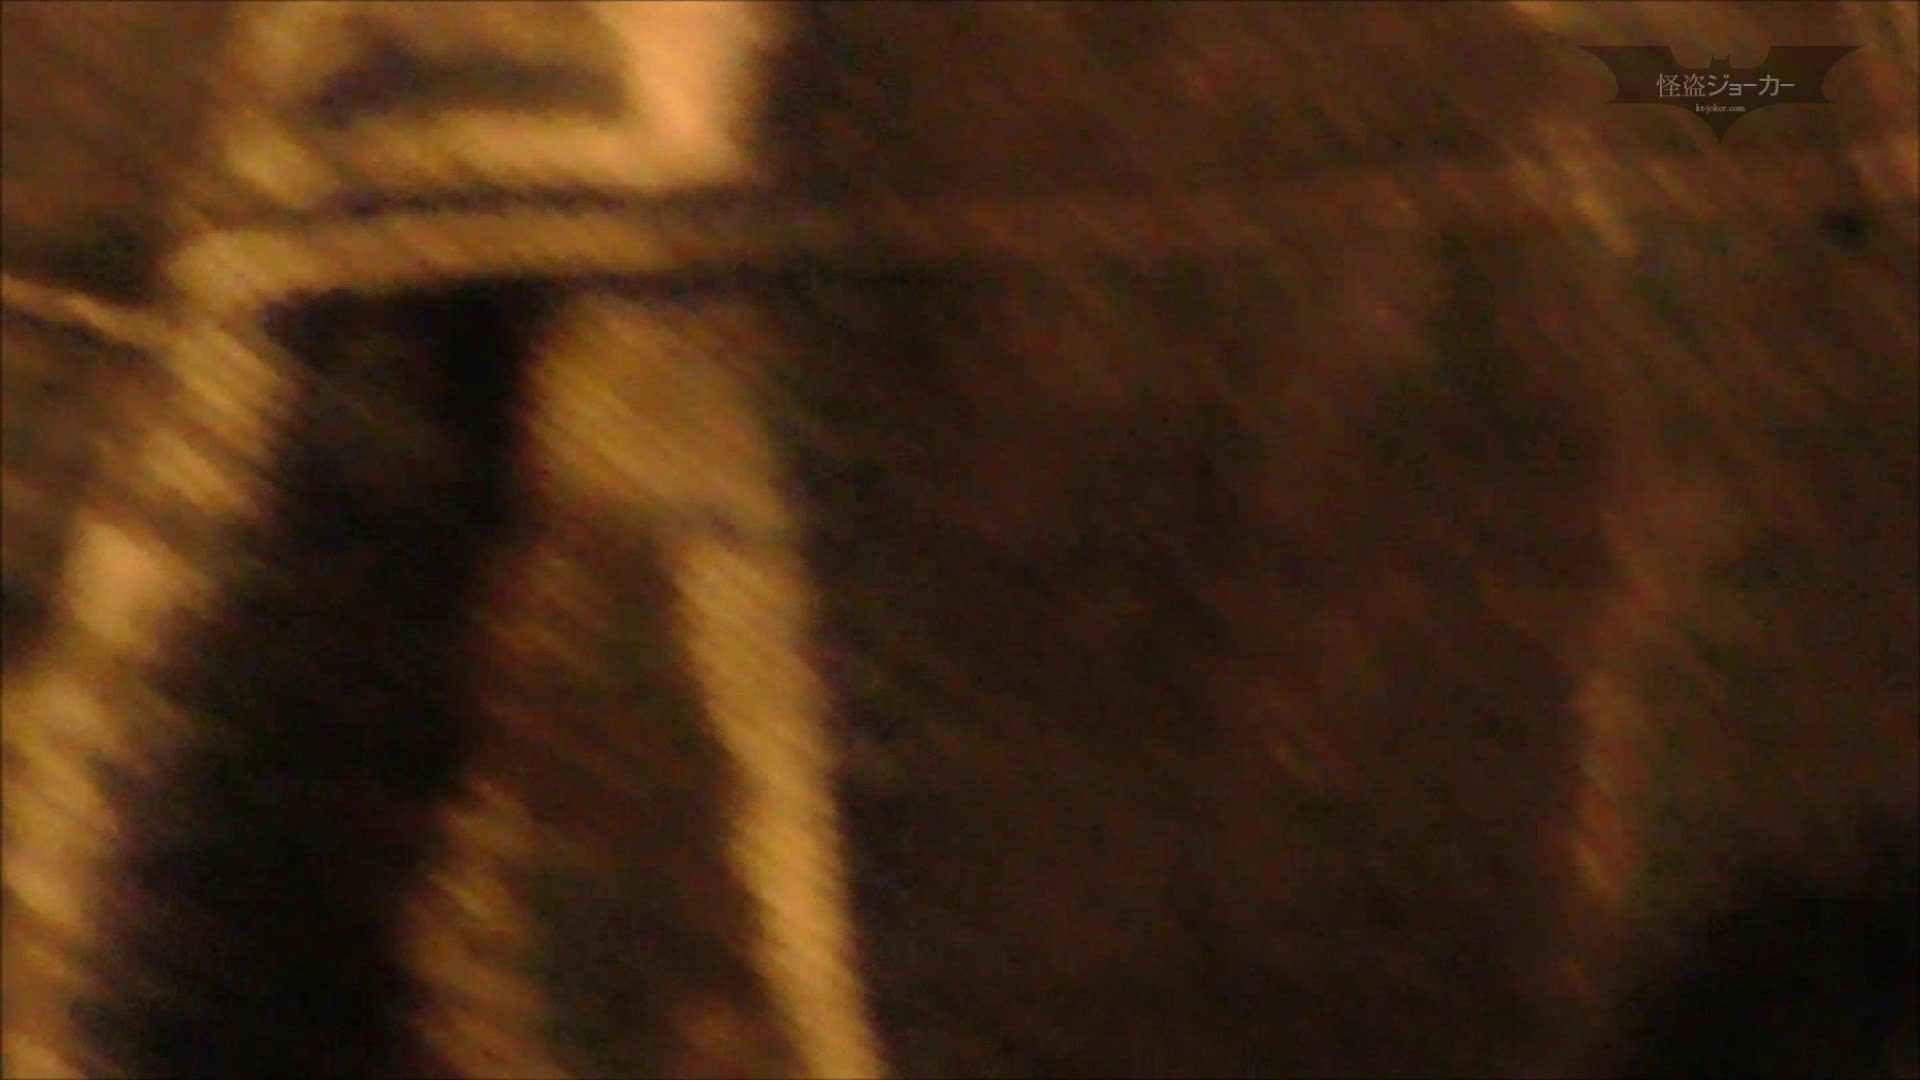 悪戯ネットカフェ Vol.06 若目狙って魔法でGO!! ギャル攻め すけべAV動画紹介 101画像 46